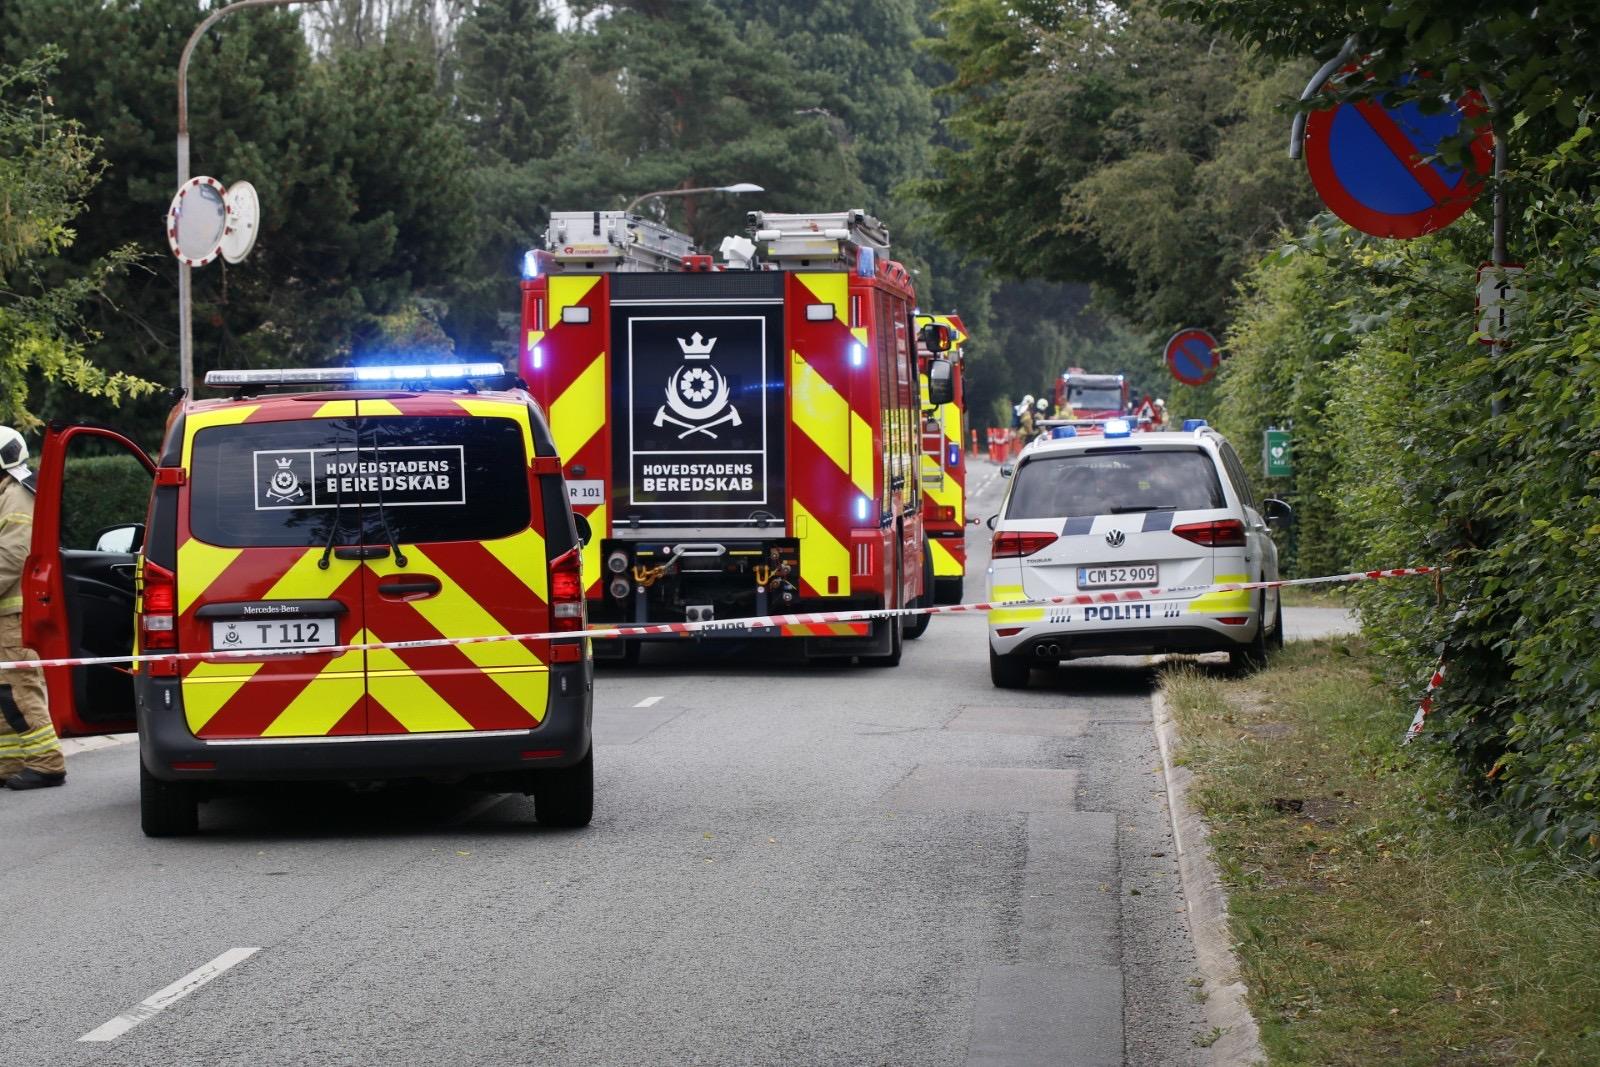 Brandvæsen og politi talstærkt til stede - overgravet gasledning